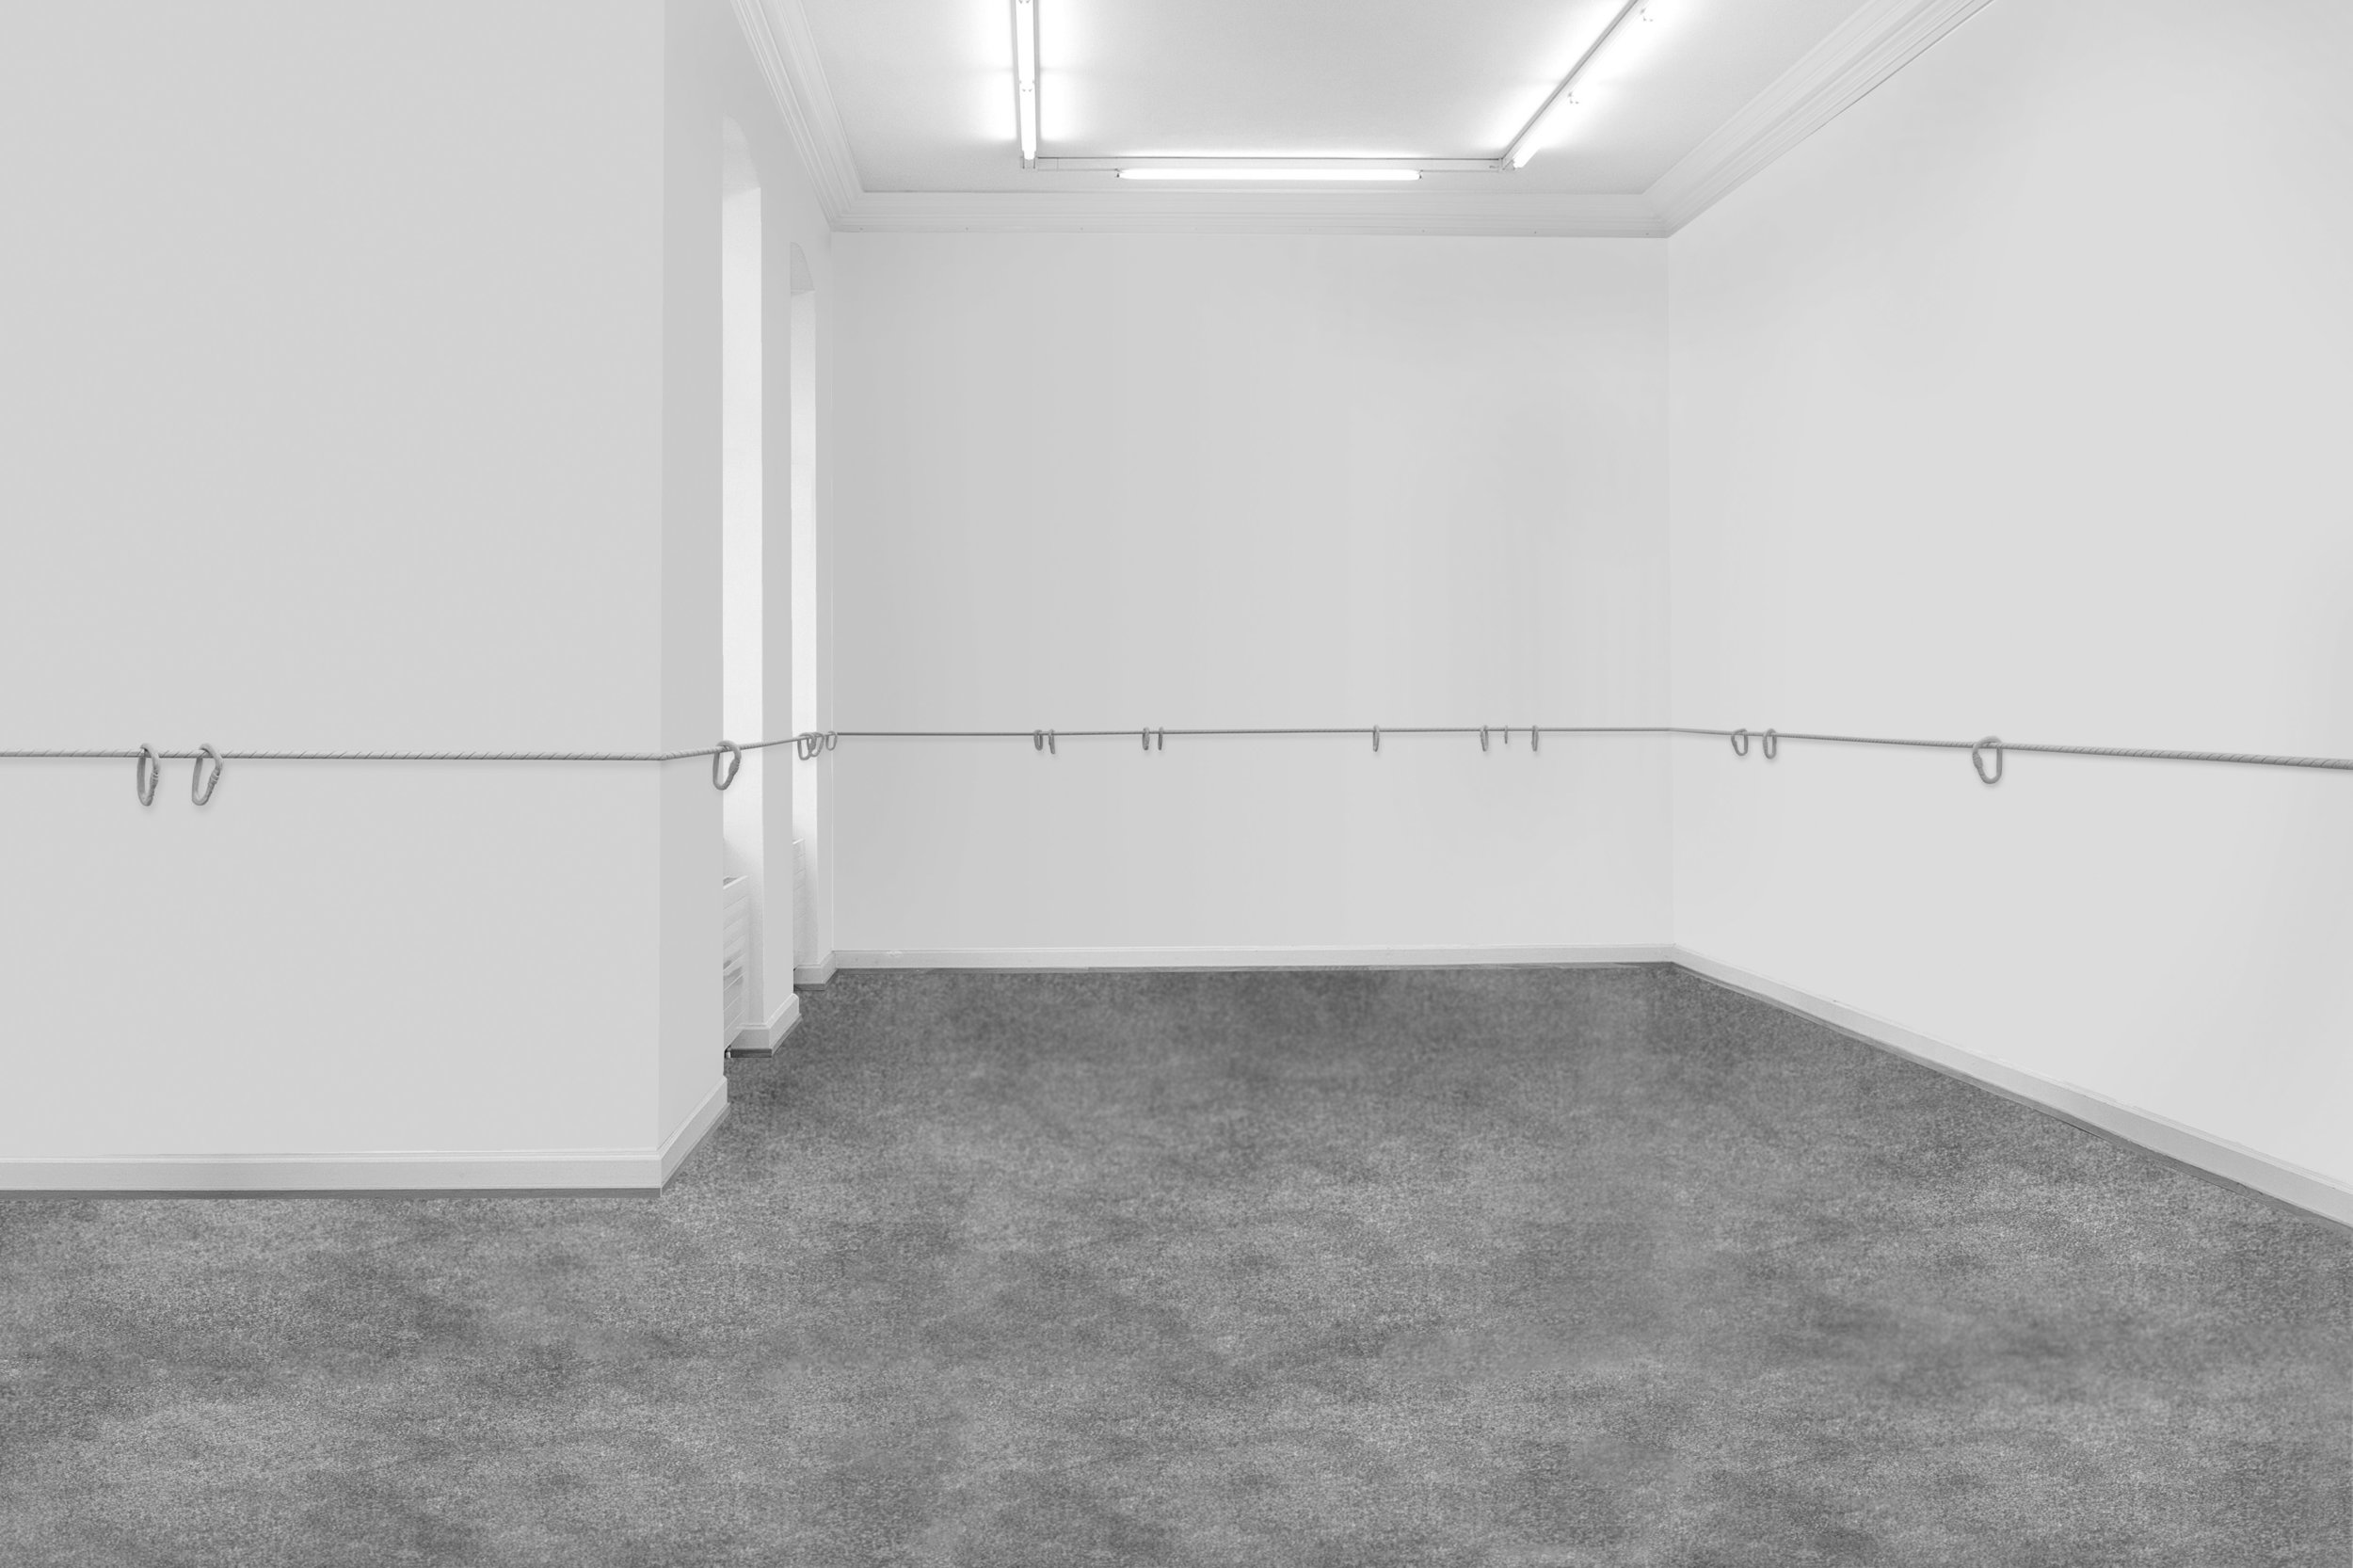 KARABINER, Installationview Künstlerhaus Bregenz, 2017